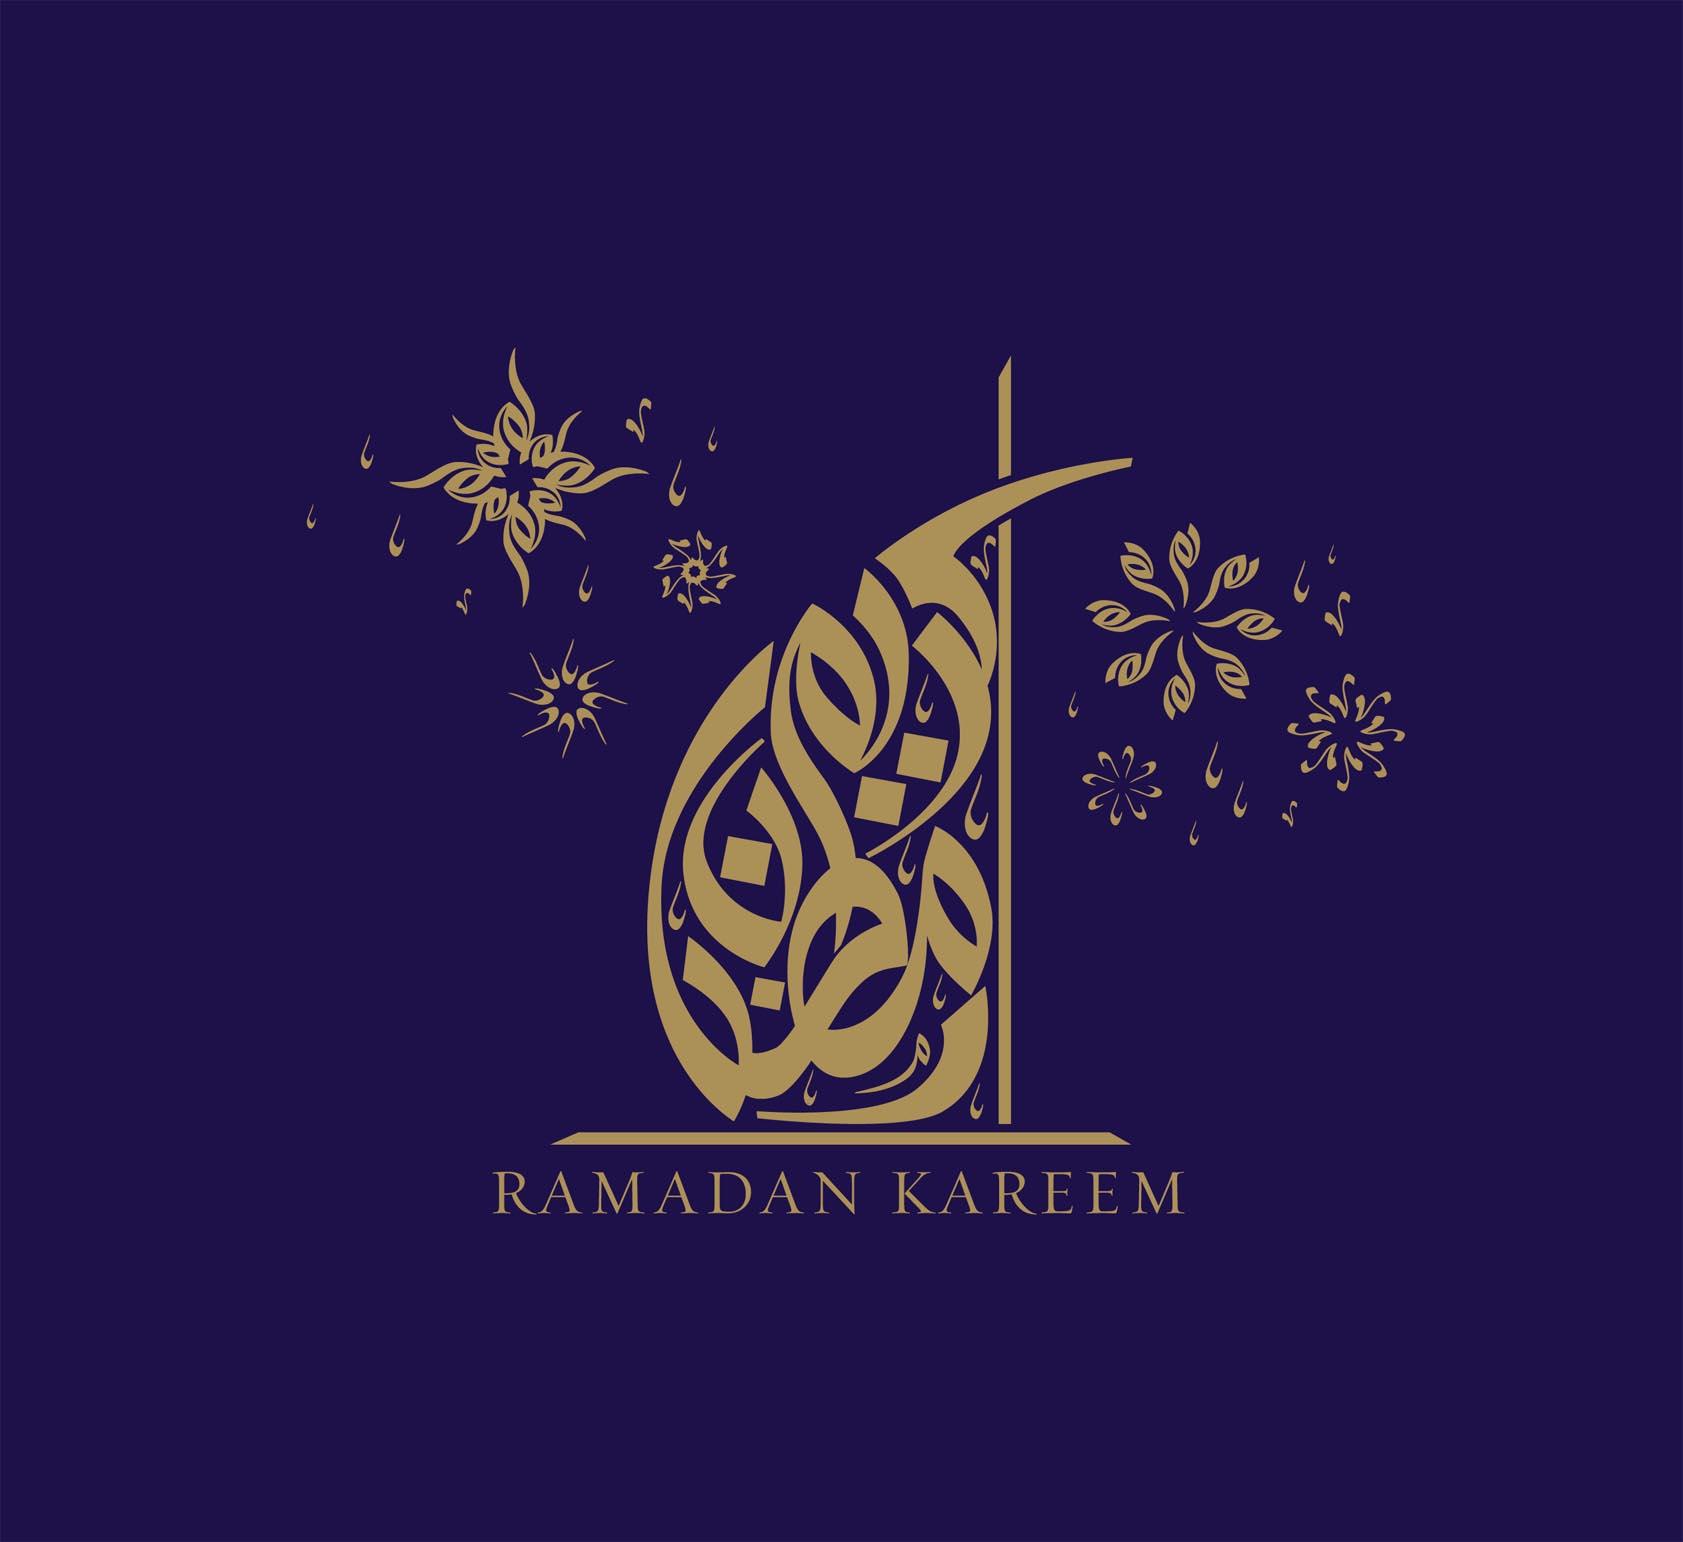 Ramadan Kareem 01